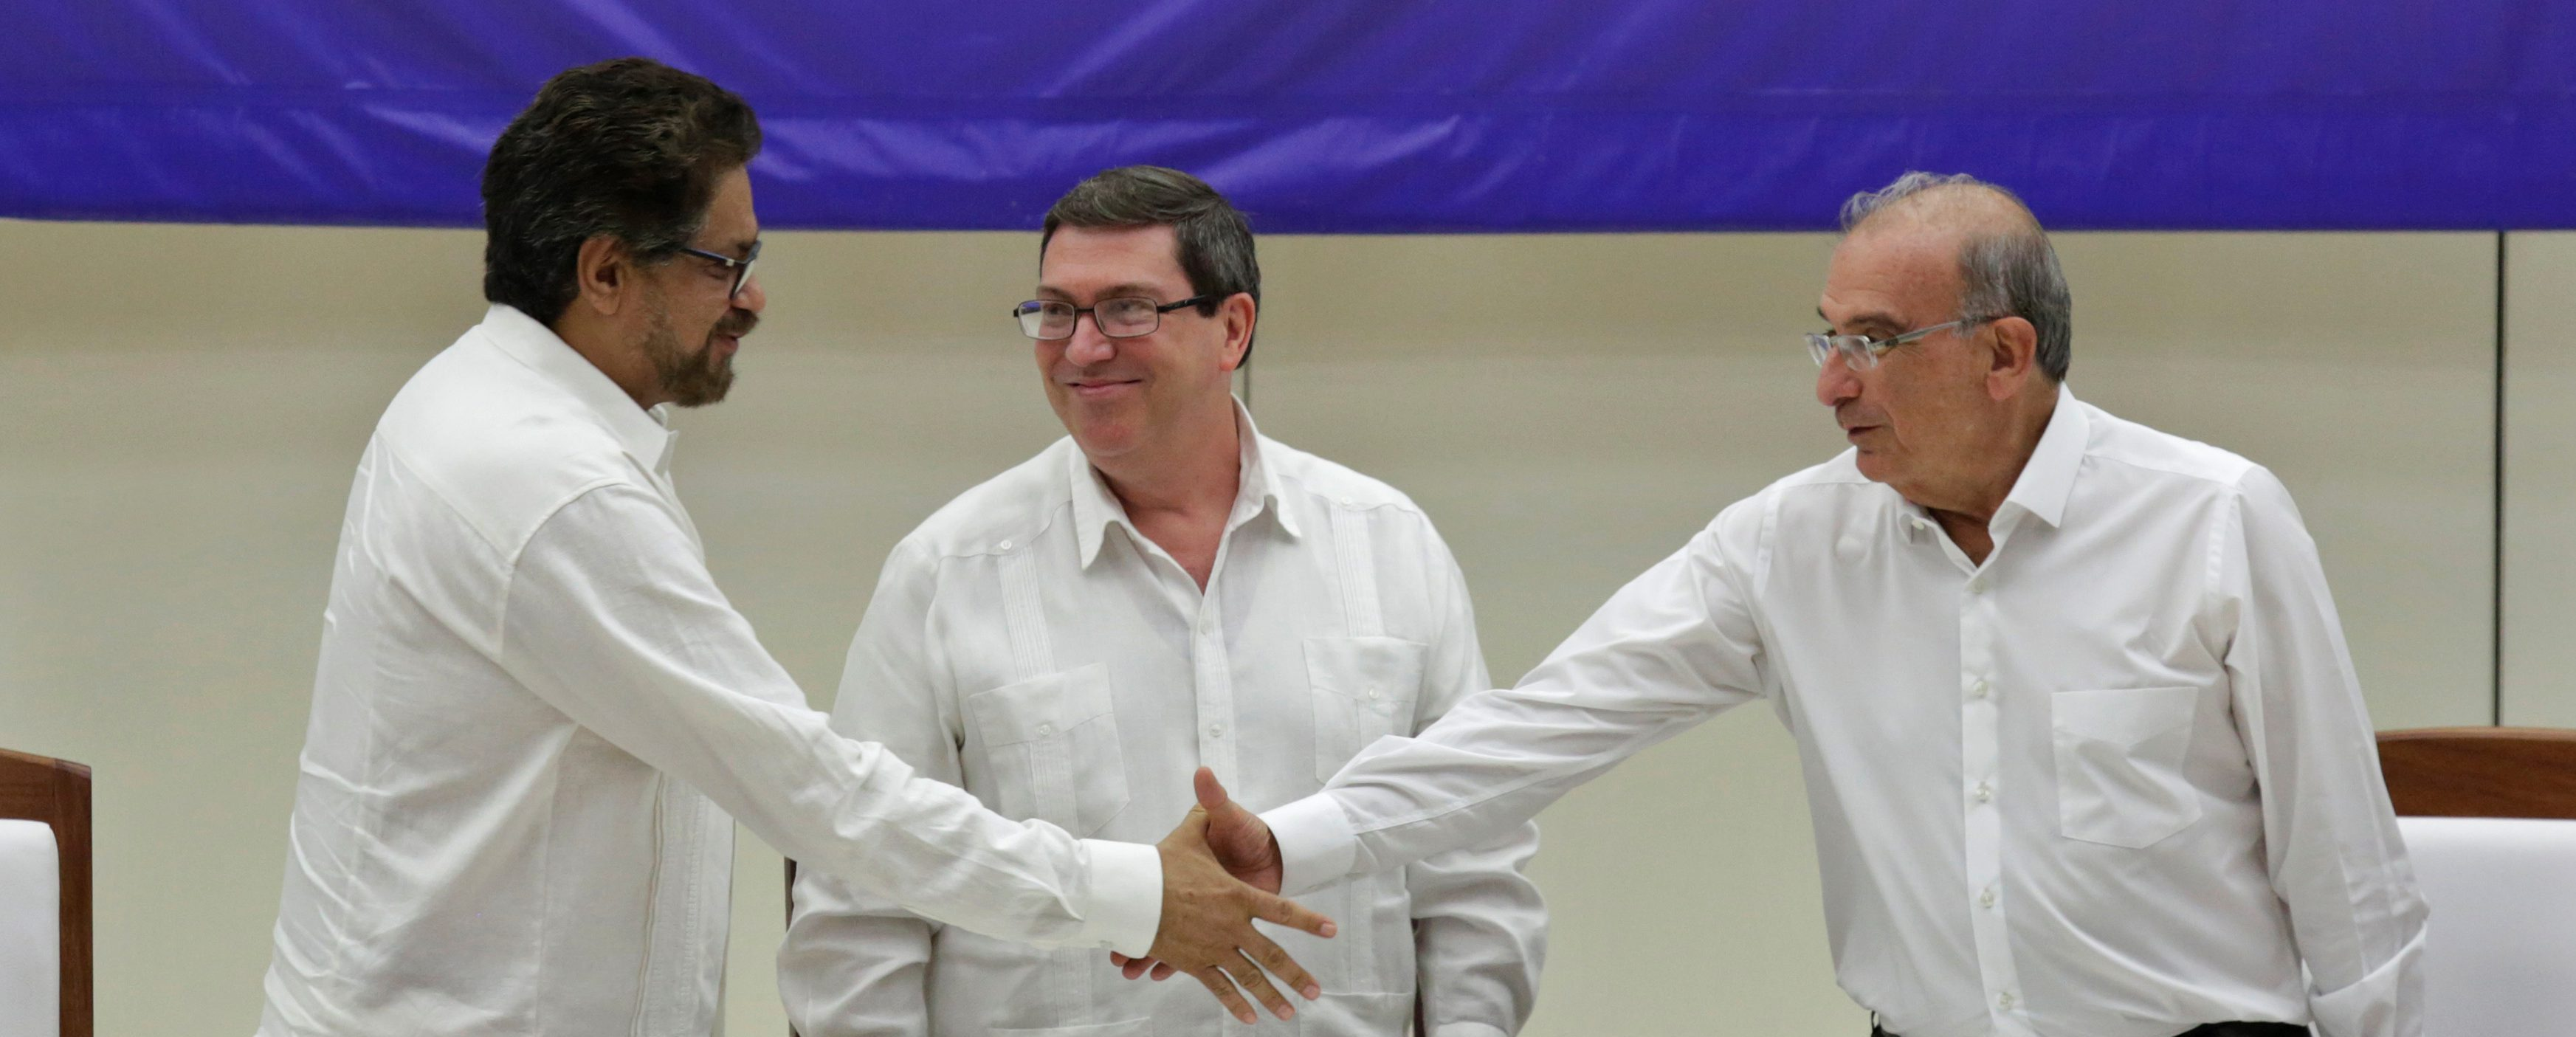 Colombia's FARC lead negotiator Ivan Marquez (L) and Colombia's lead government negotiator Humberto de la Calle (R) shake hands while Cuba's Foreign Minister Bruno Rodriguez looks on, after signing a final peace deal in Havana, Cuba, August 24, 2016. REUTERS/Enrique de la Osa - RTX2MXPE